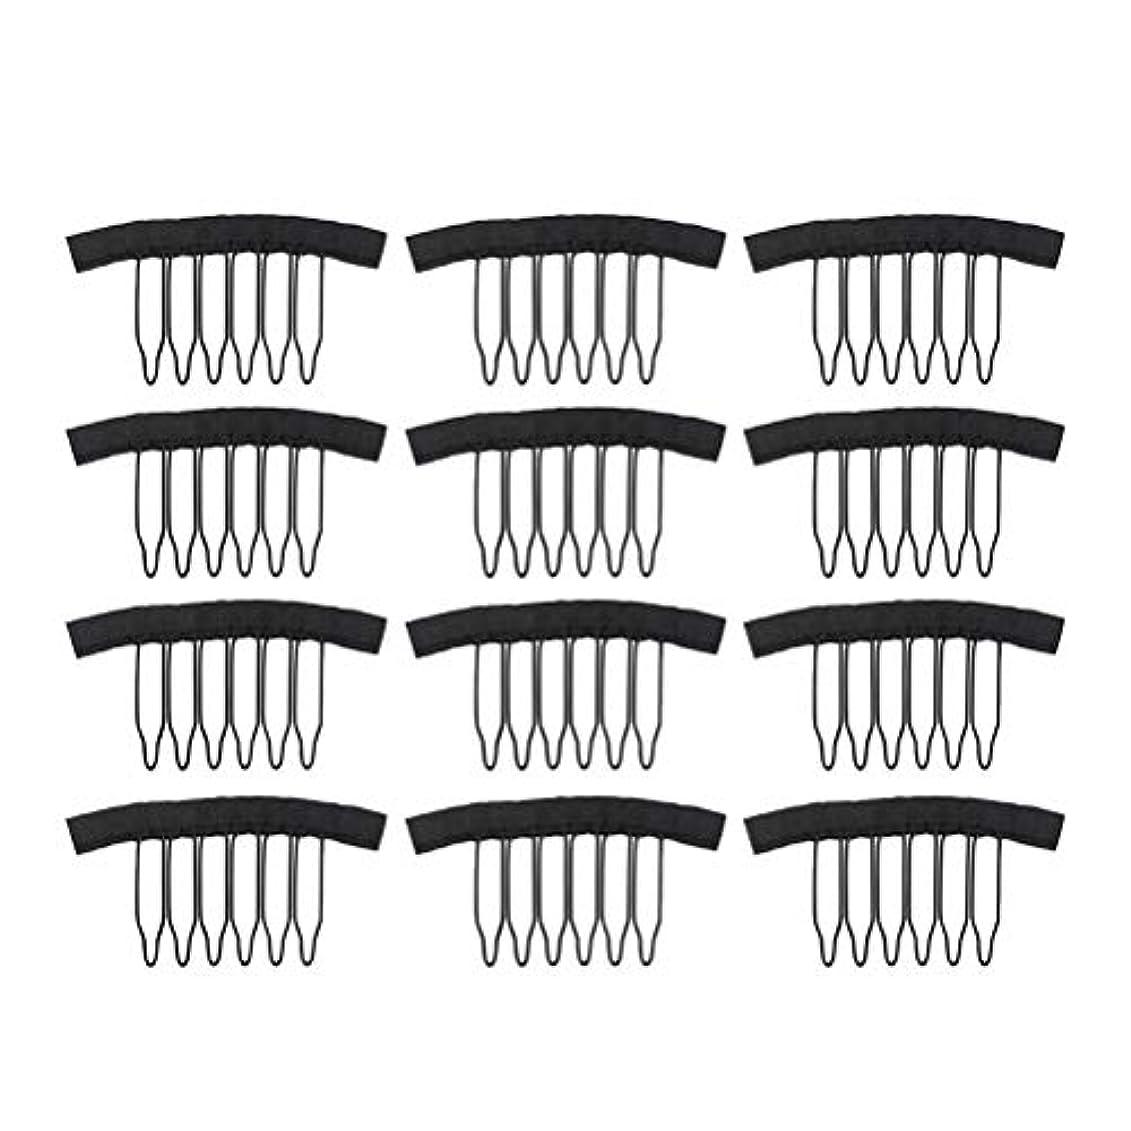 有能な性別セマフォFrcolor 12PC ウィッグ かつらピン ウィッグネットキャップクリップステンレススチール 女性用ウィッグアクセサリー(ブラック)